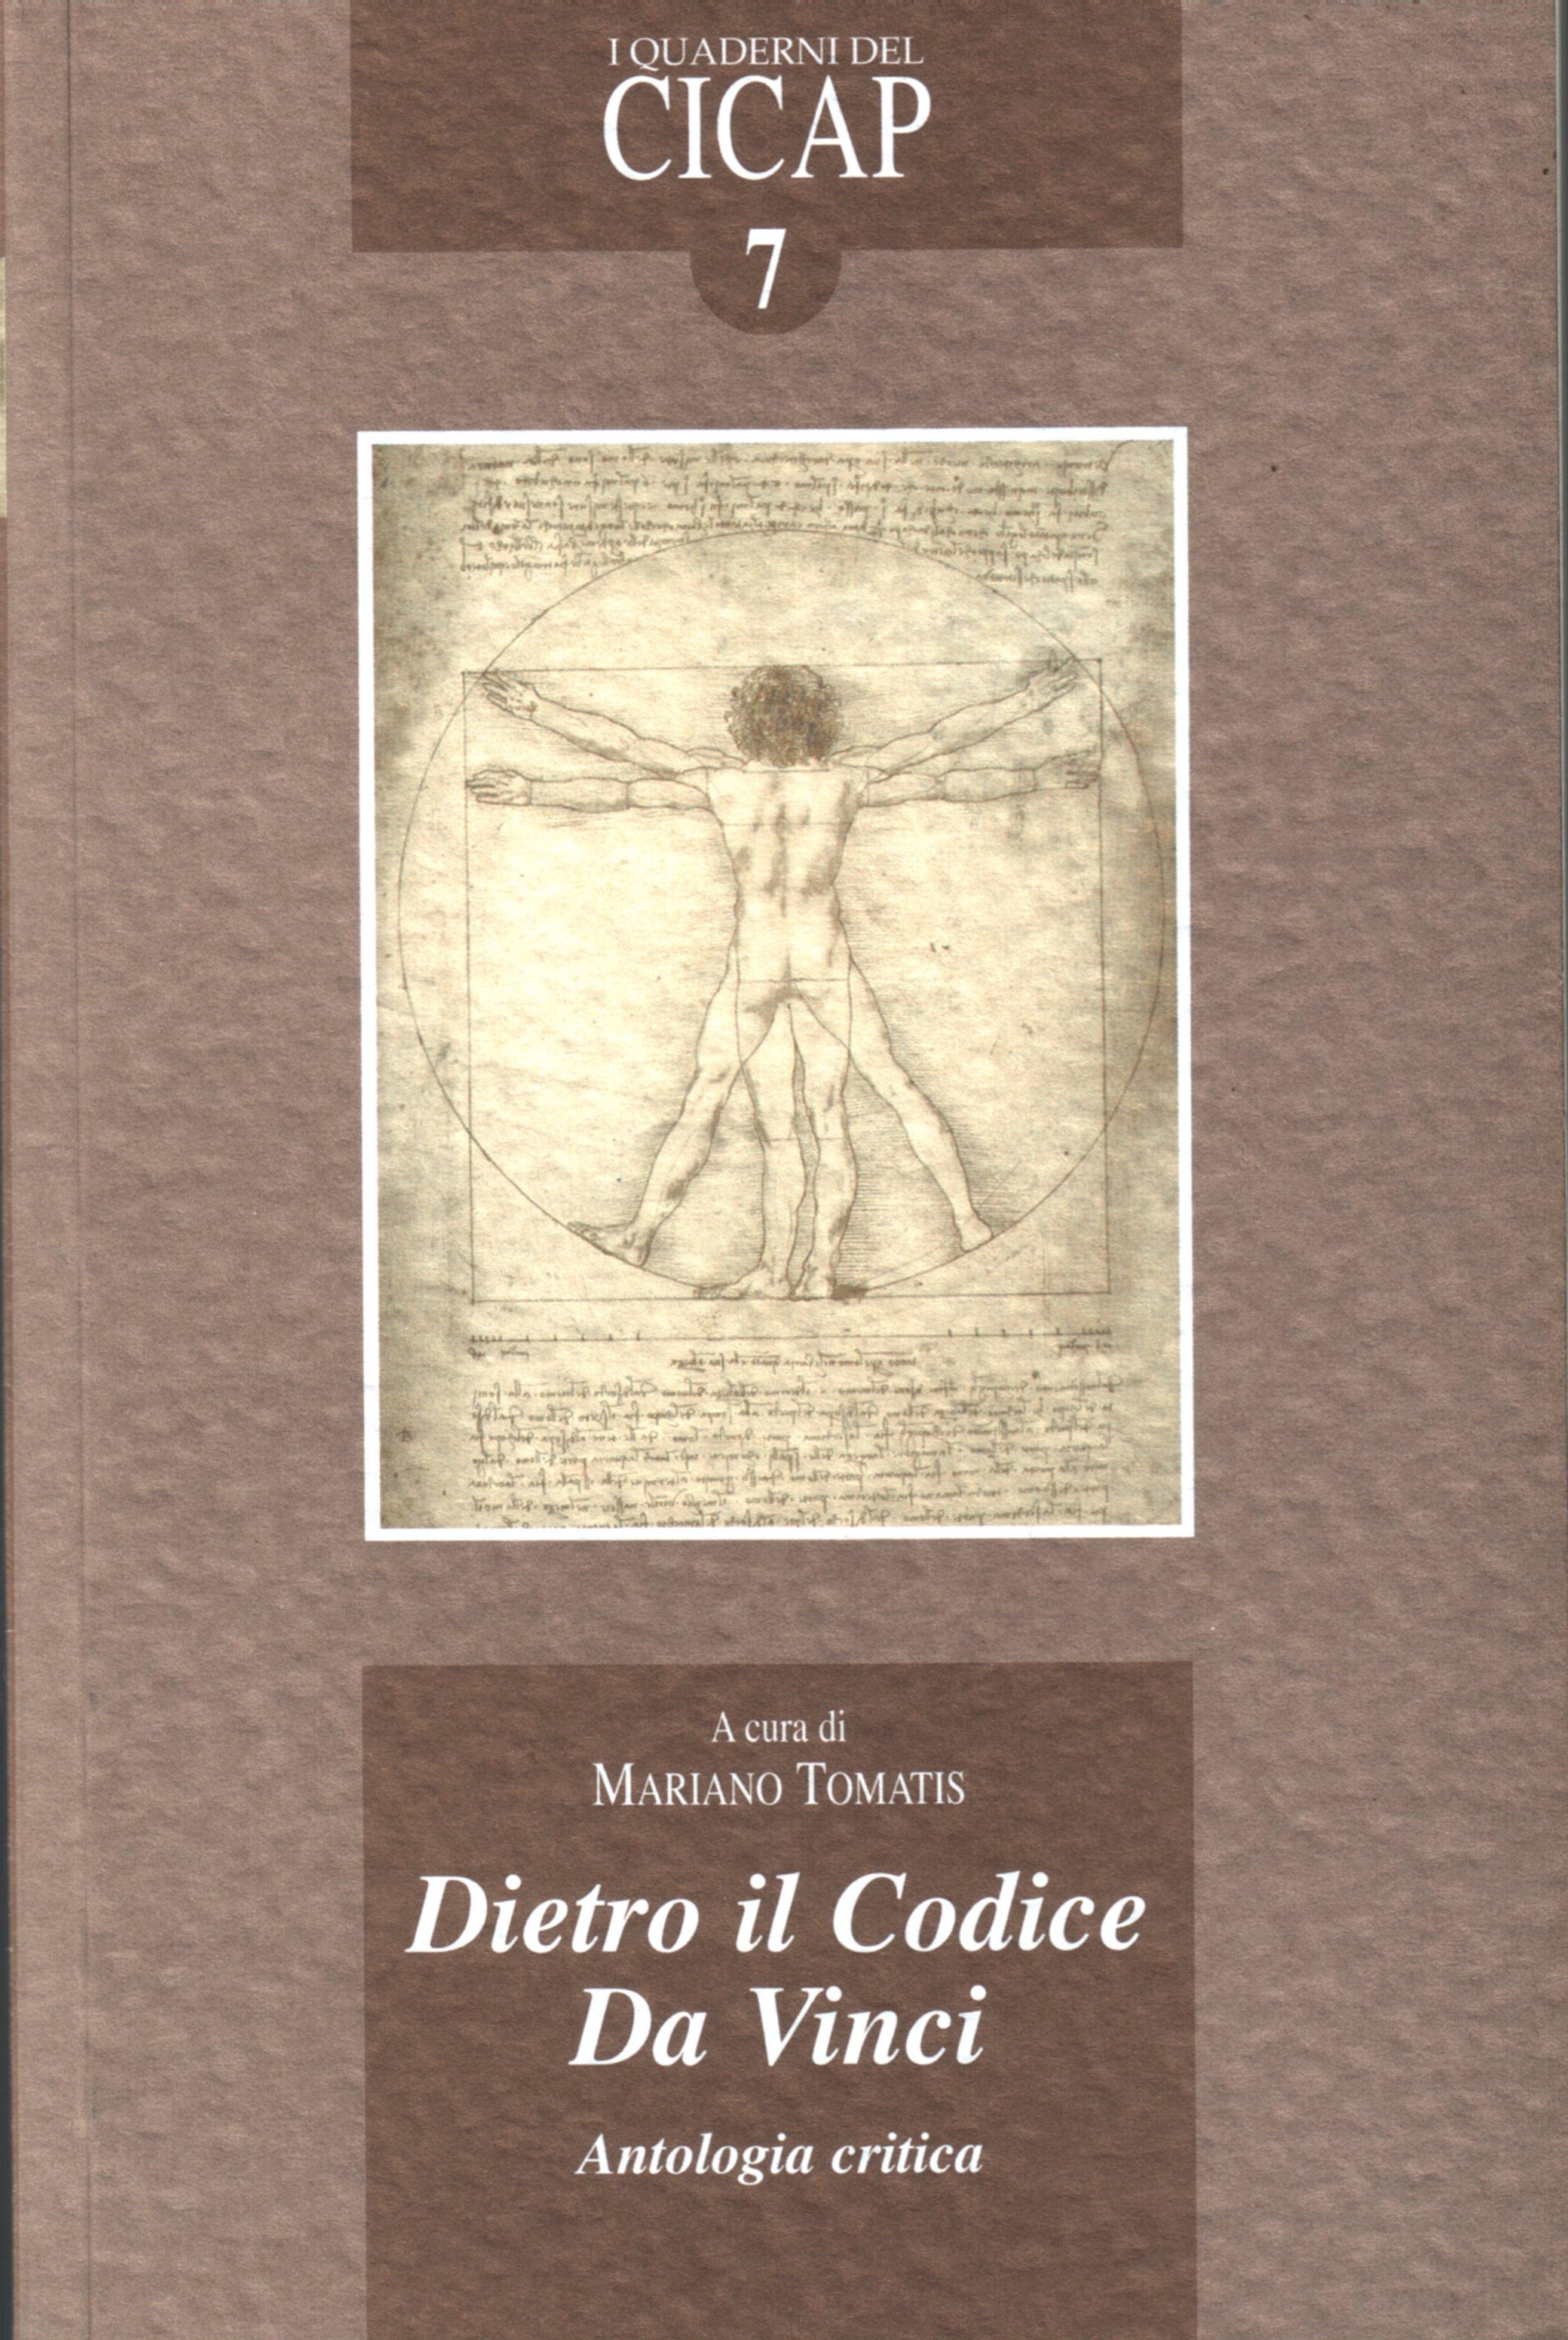 Dietro il Codice Da Vinci